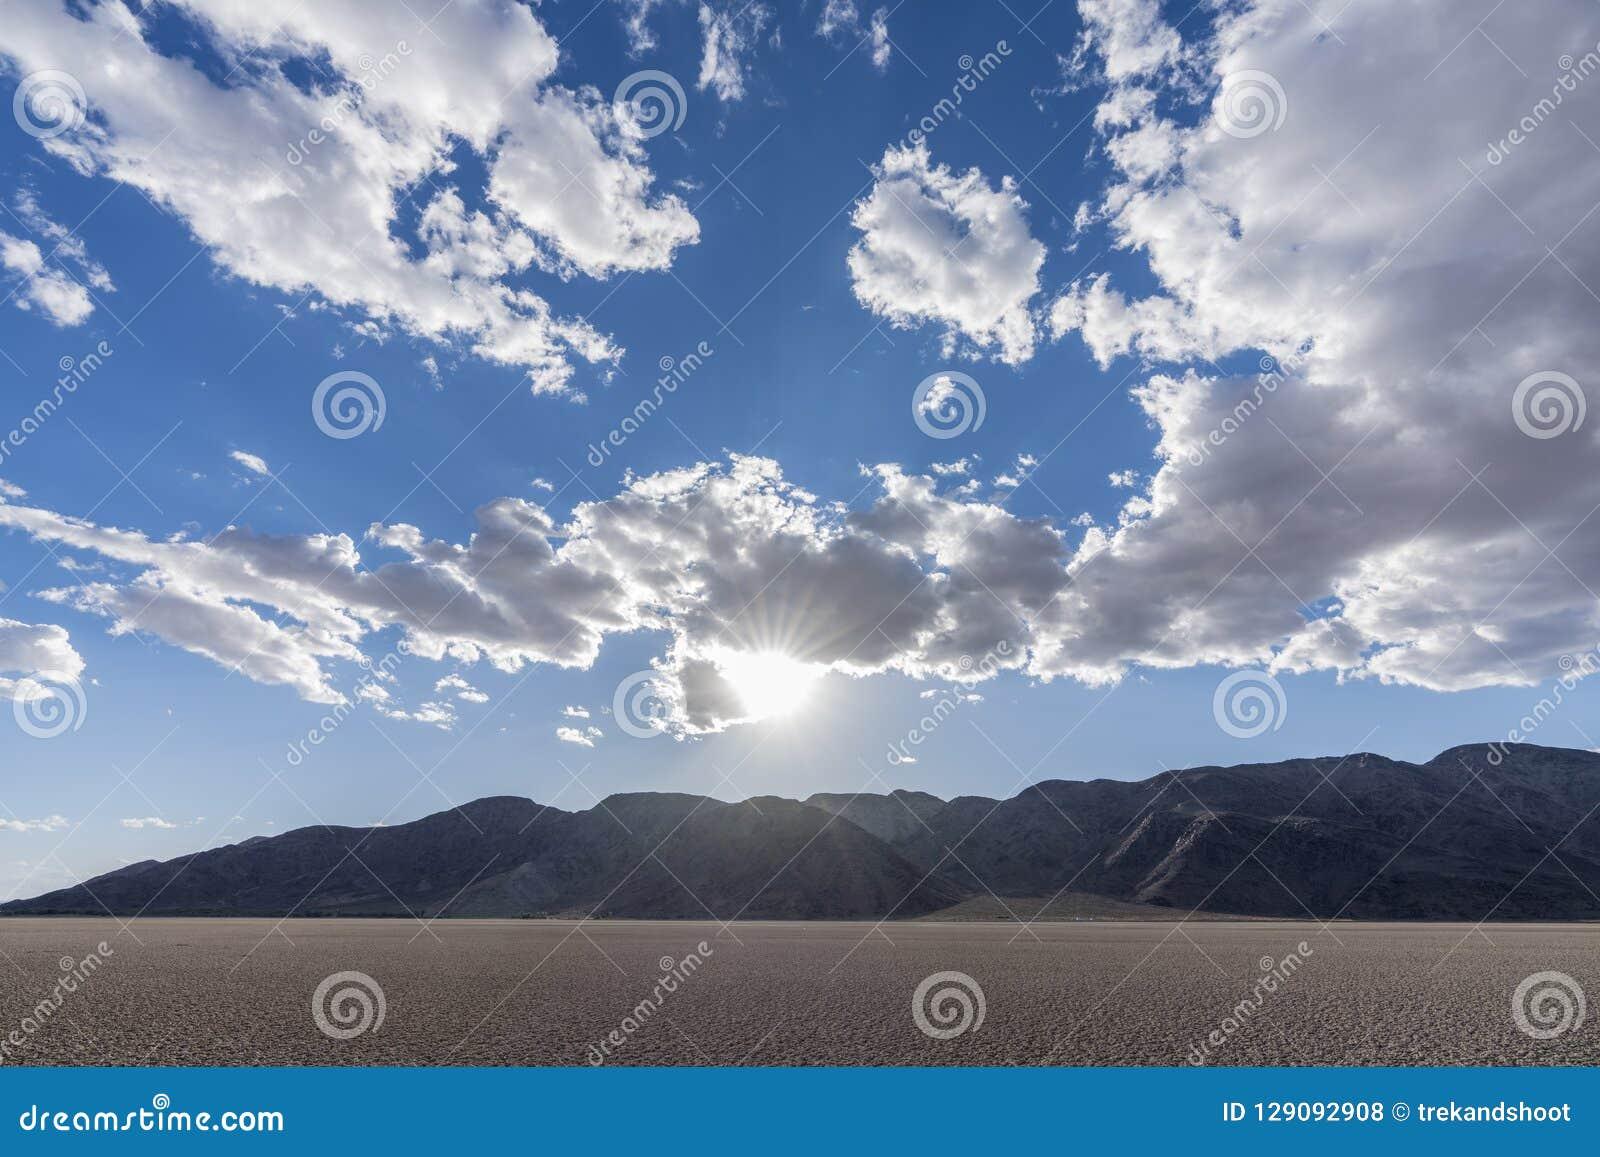 De Soda Droog Meer van het Mojave Nationaal Domein met Wolken